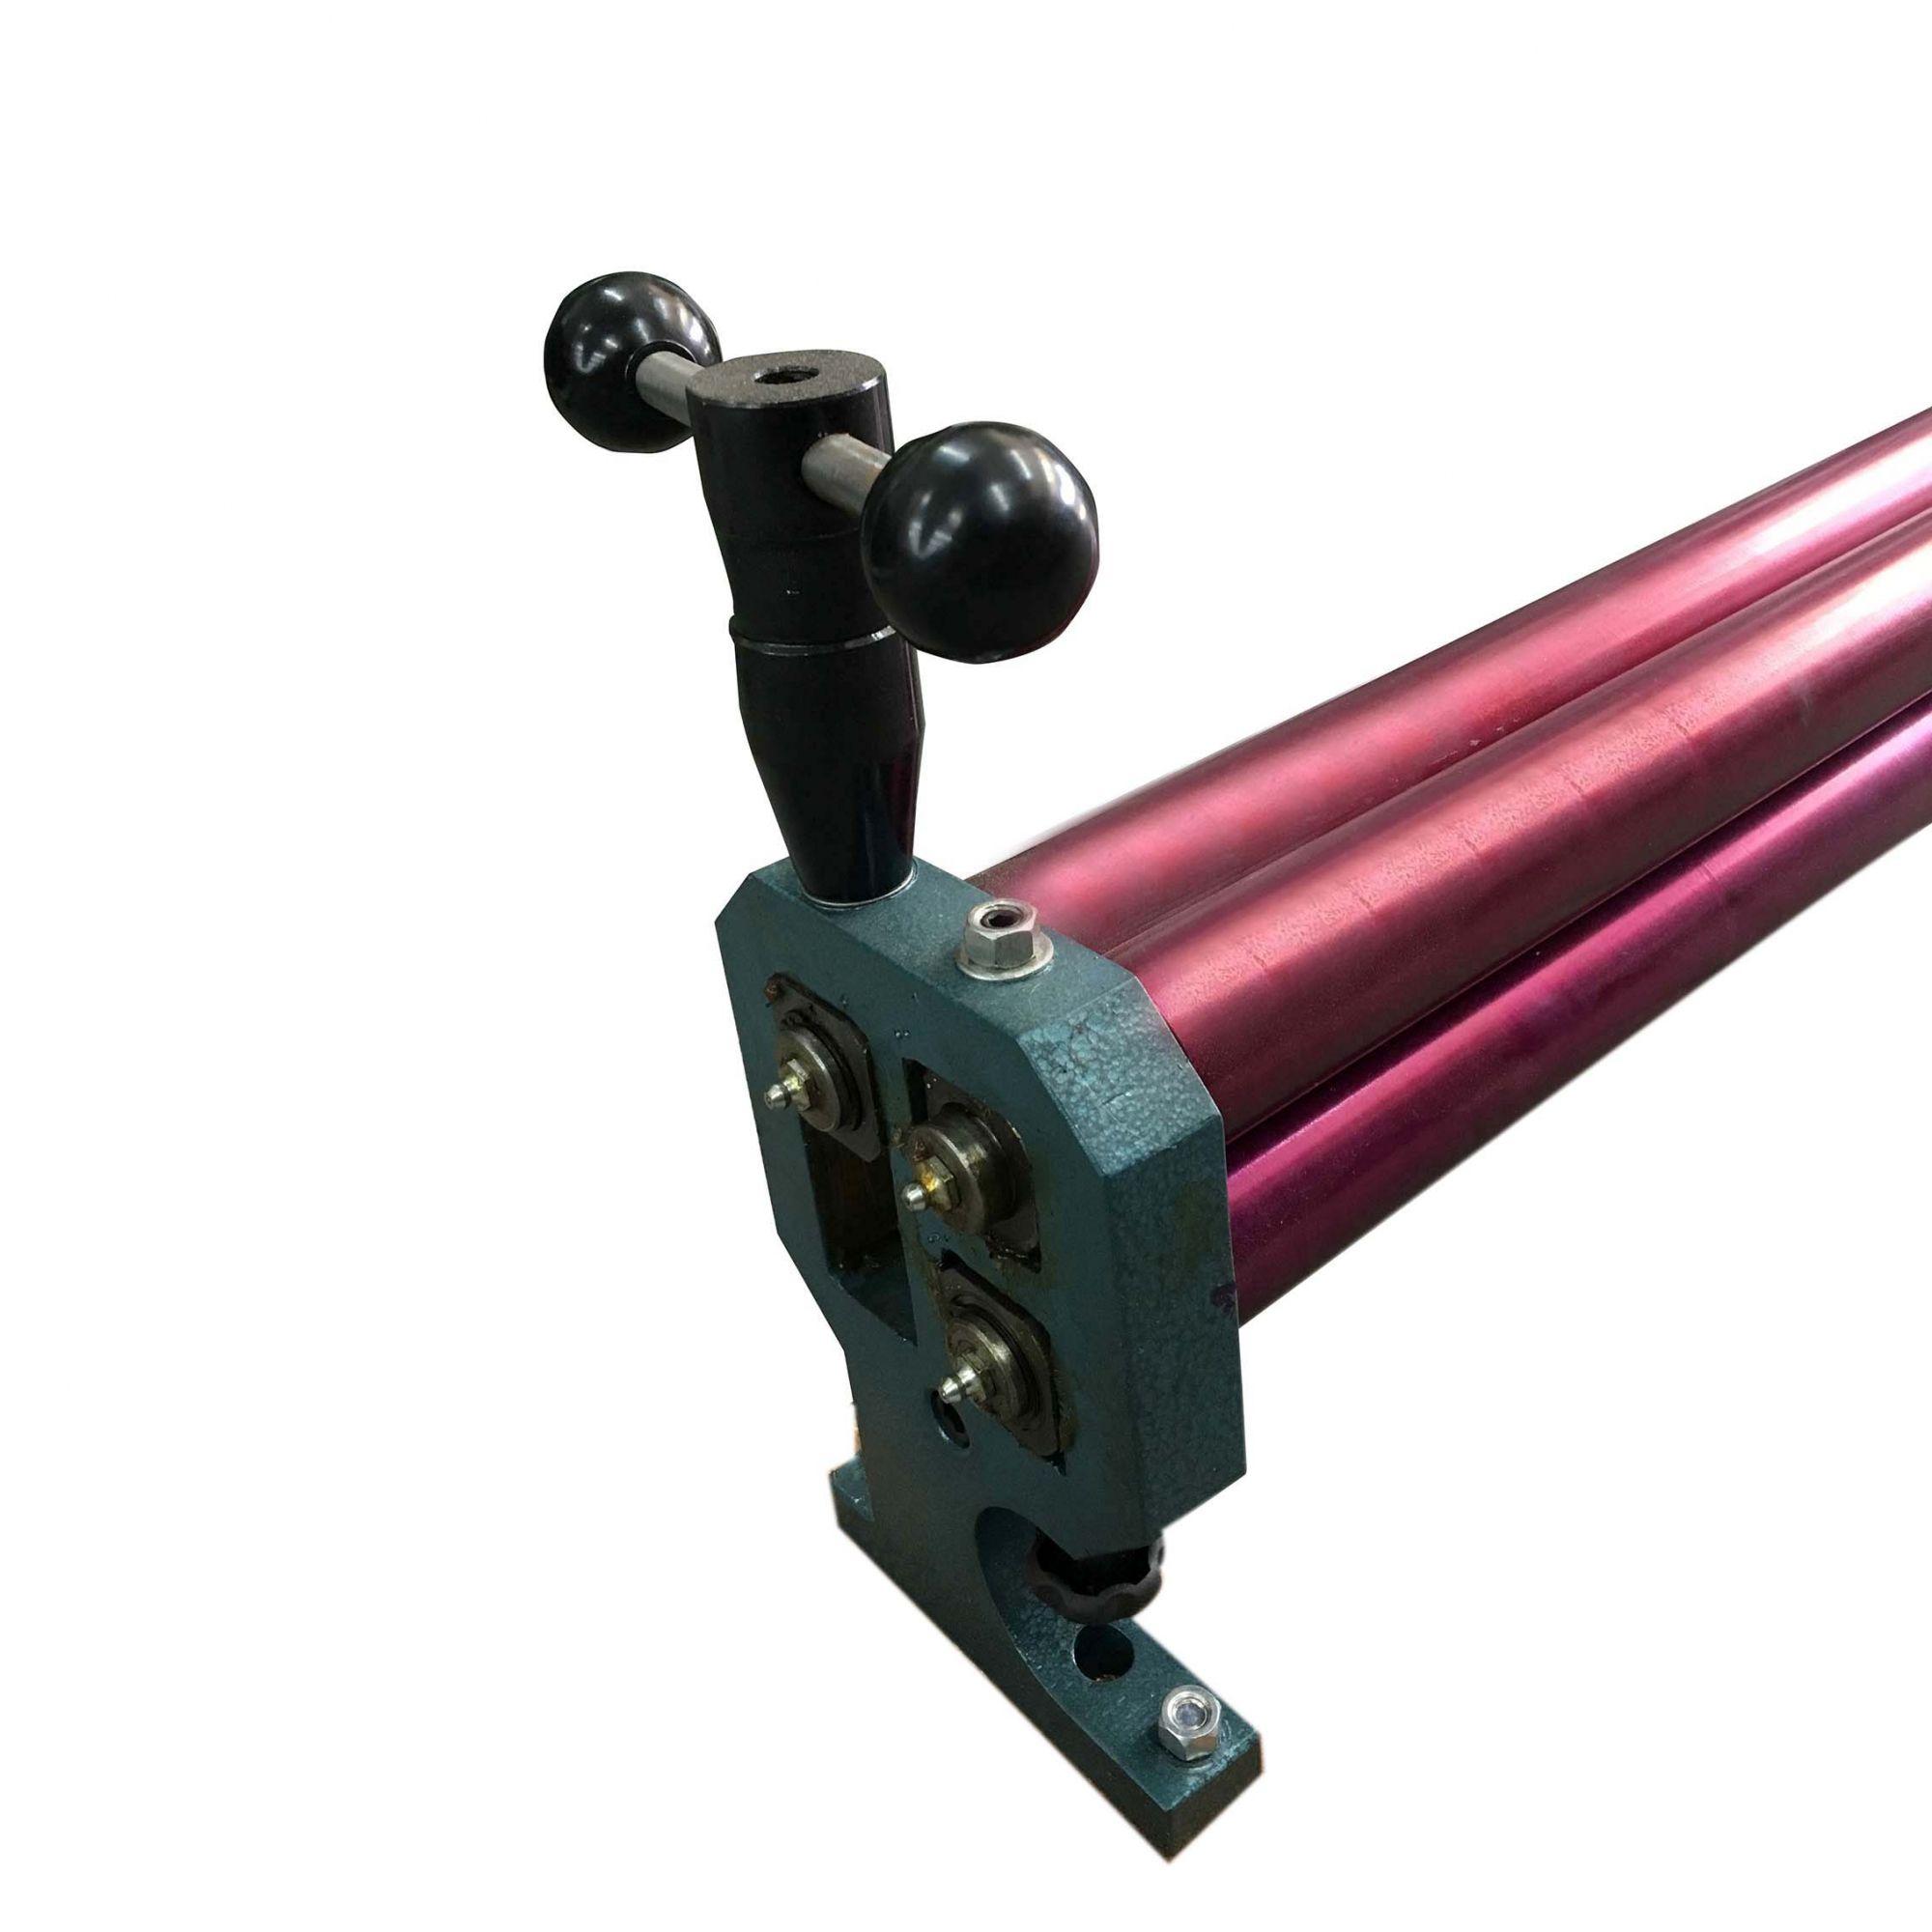 Calandra Ci 1250 Sem Bancada Manual Capacidade Para 1,2mm - Novo